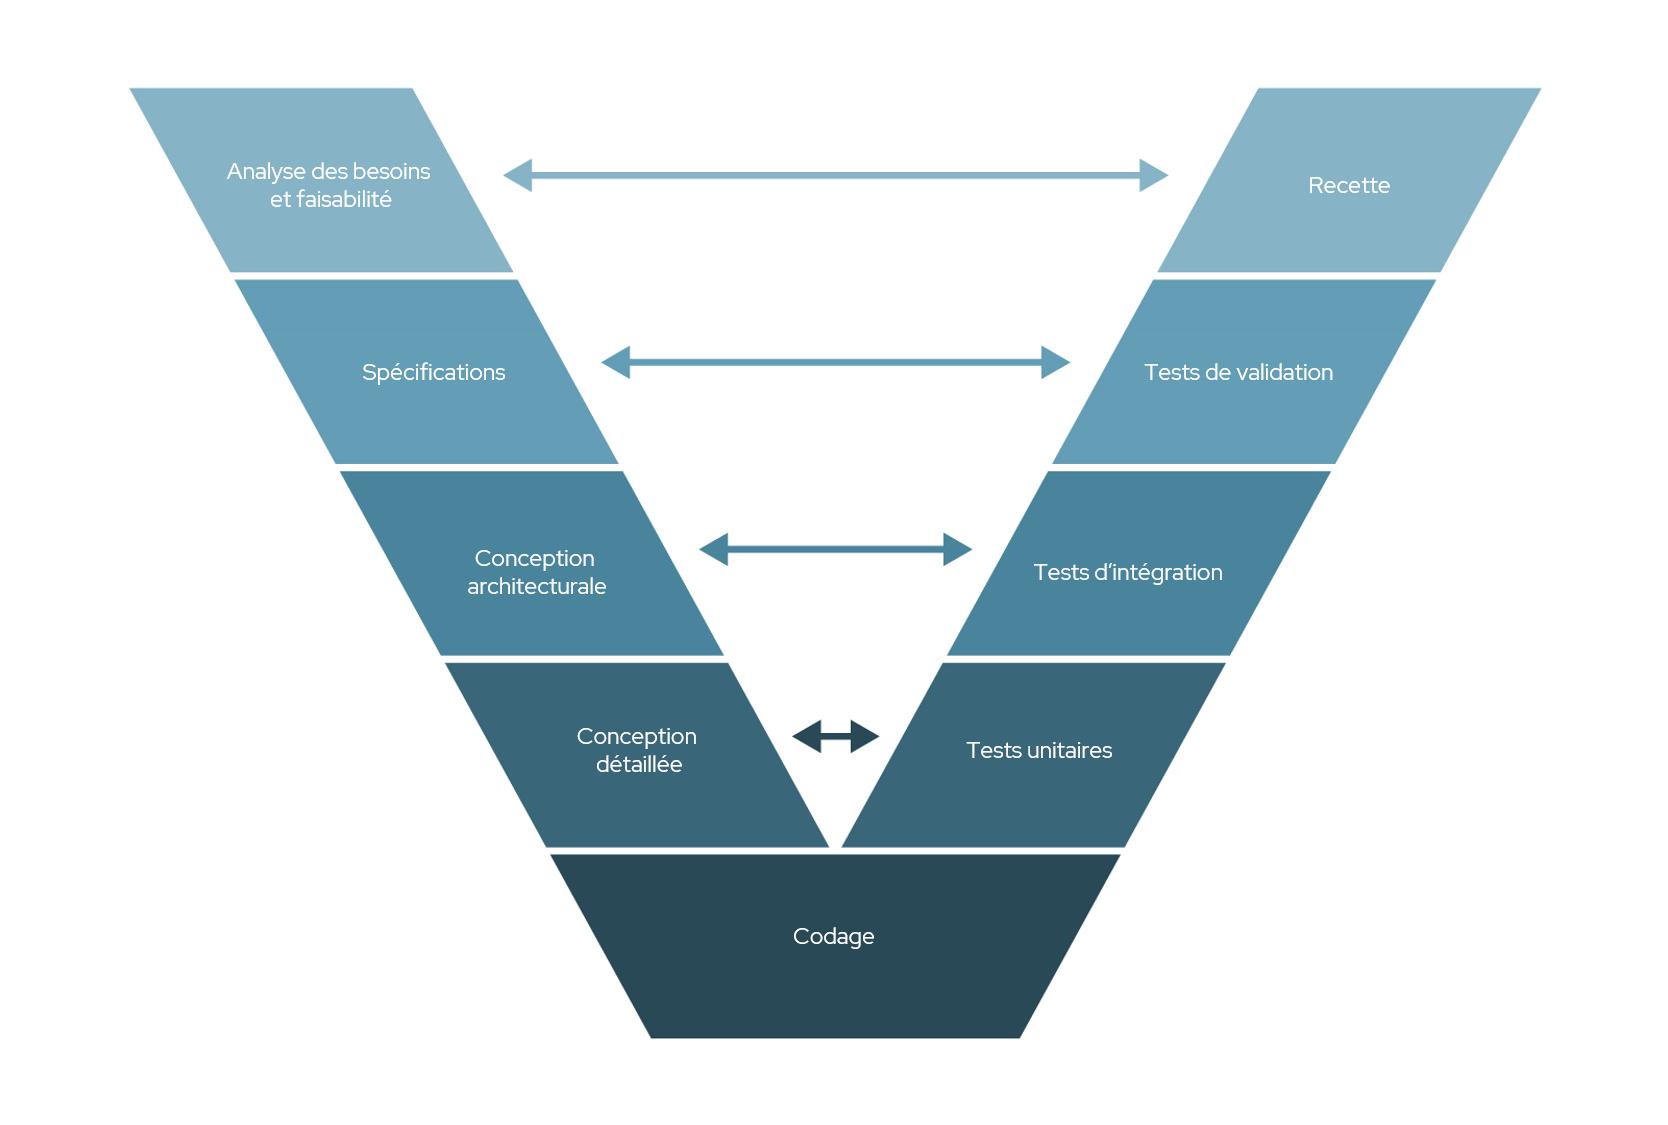 La méthodologie Agile comparée au cycle en V